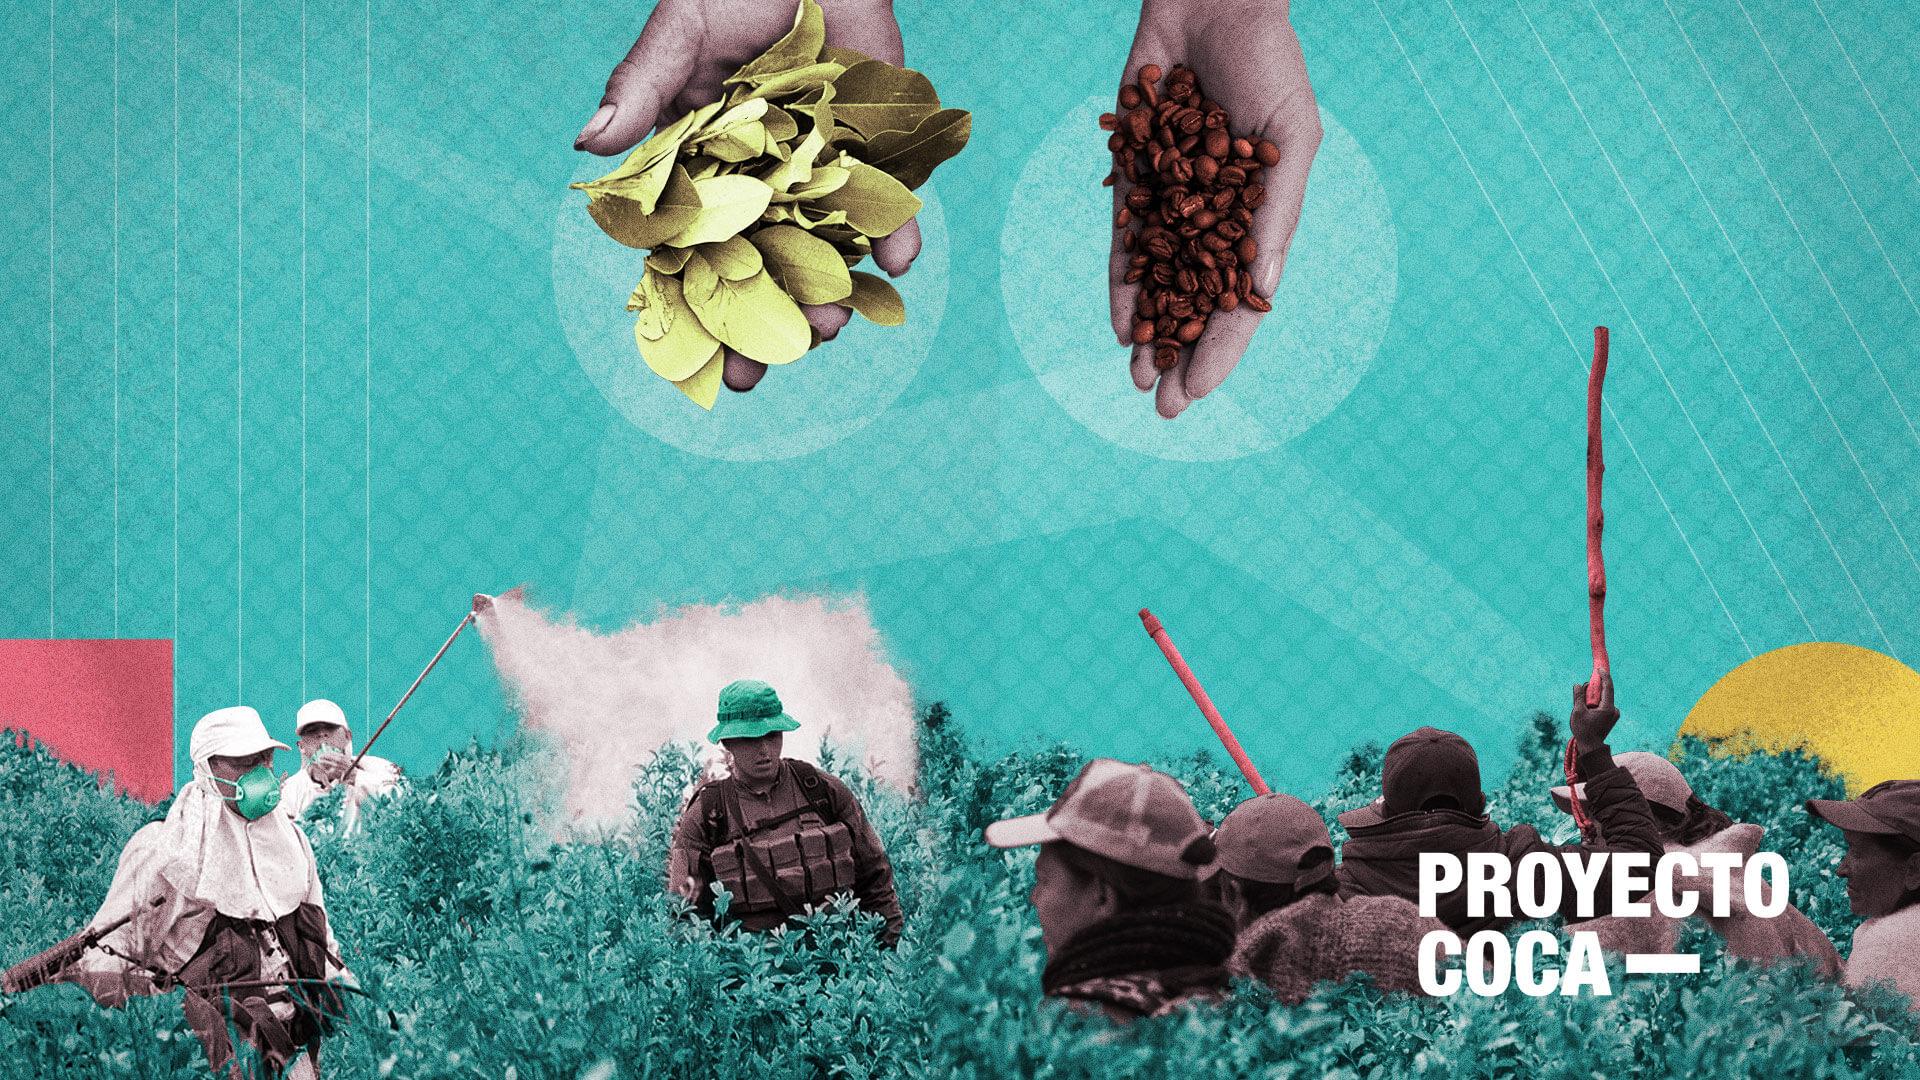 El Gobierno está aprovechando la pandemia para la erradicación forzada